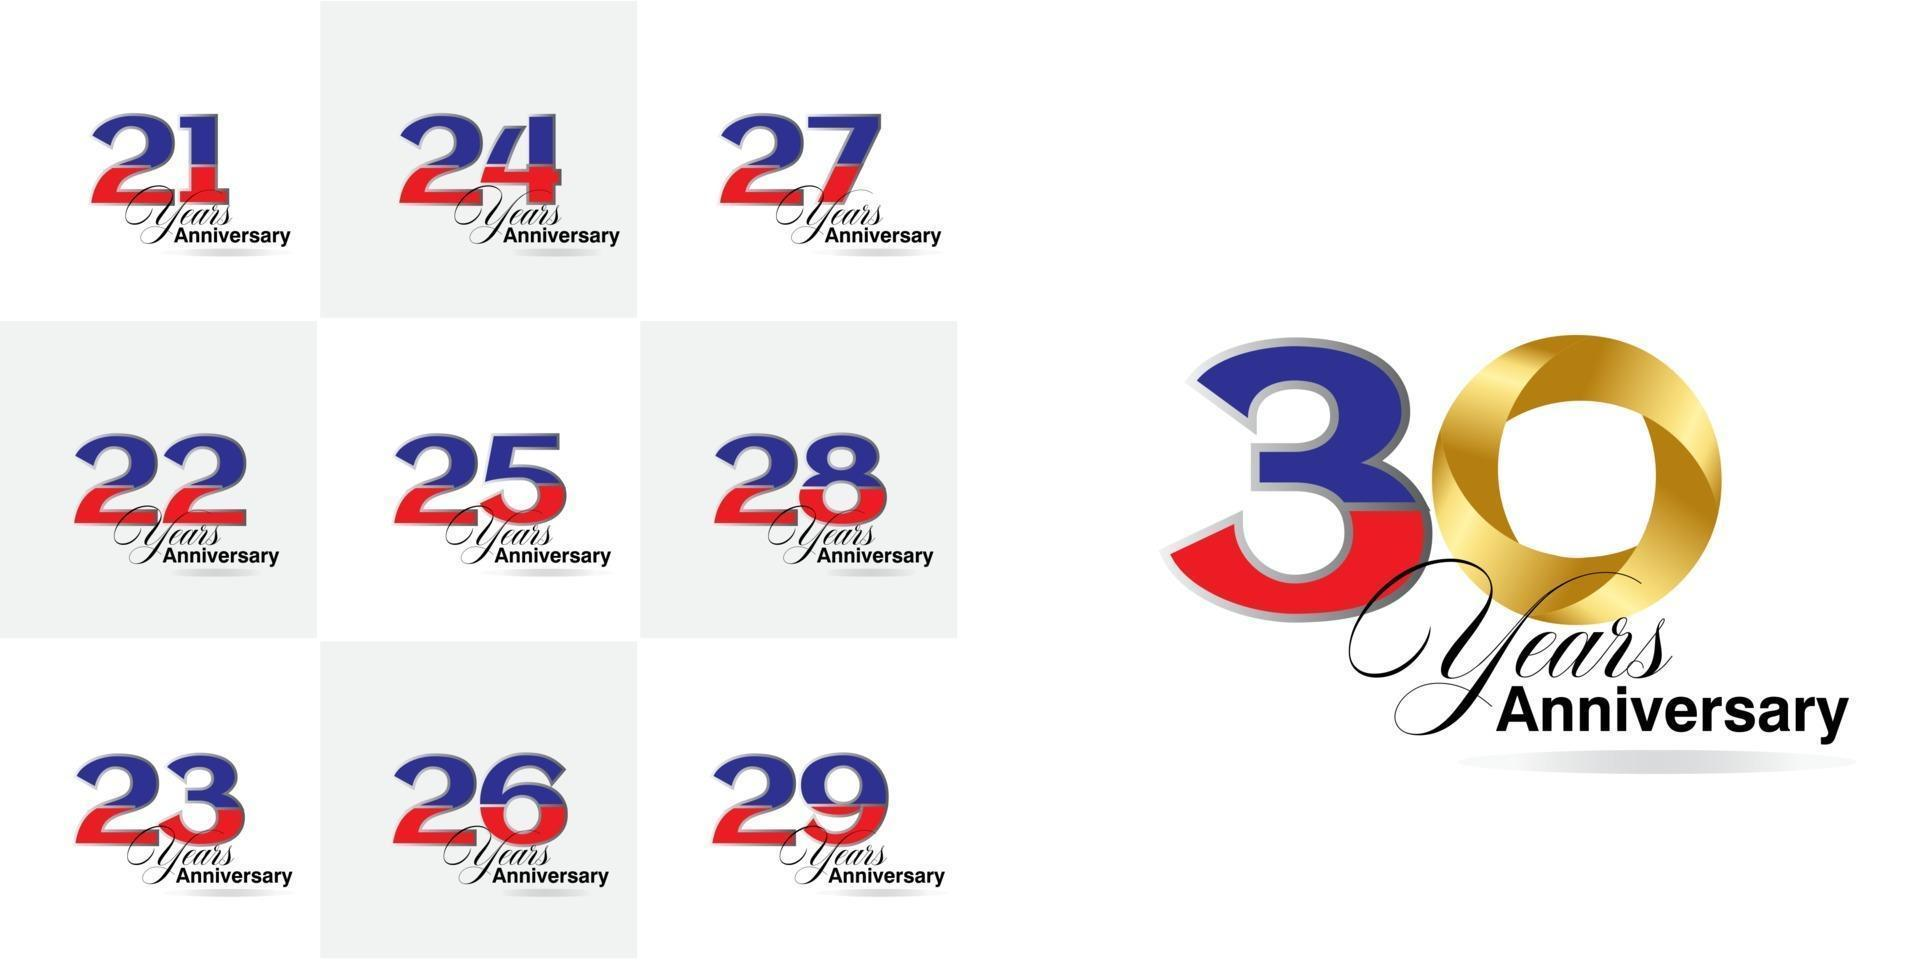 conjunto de números de aniversário de 21, 22, 23, 24, 25, 26, 27, 28, 29, 30 anos vetor